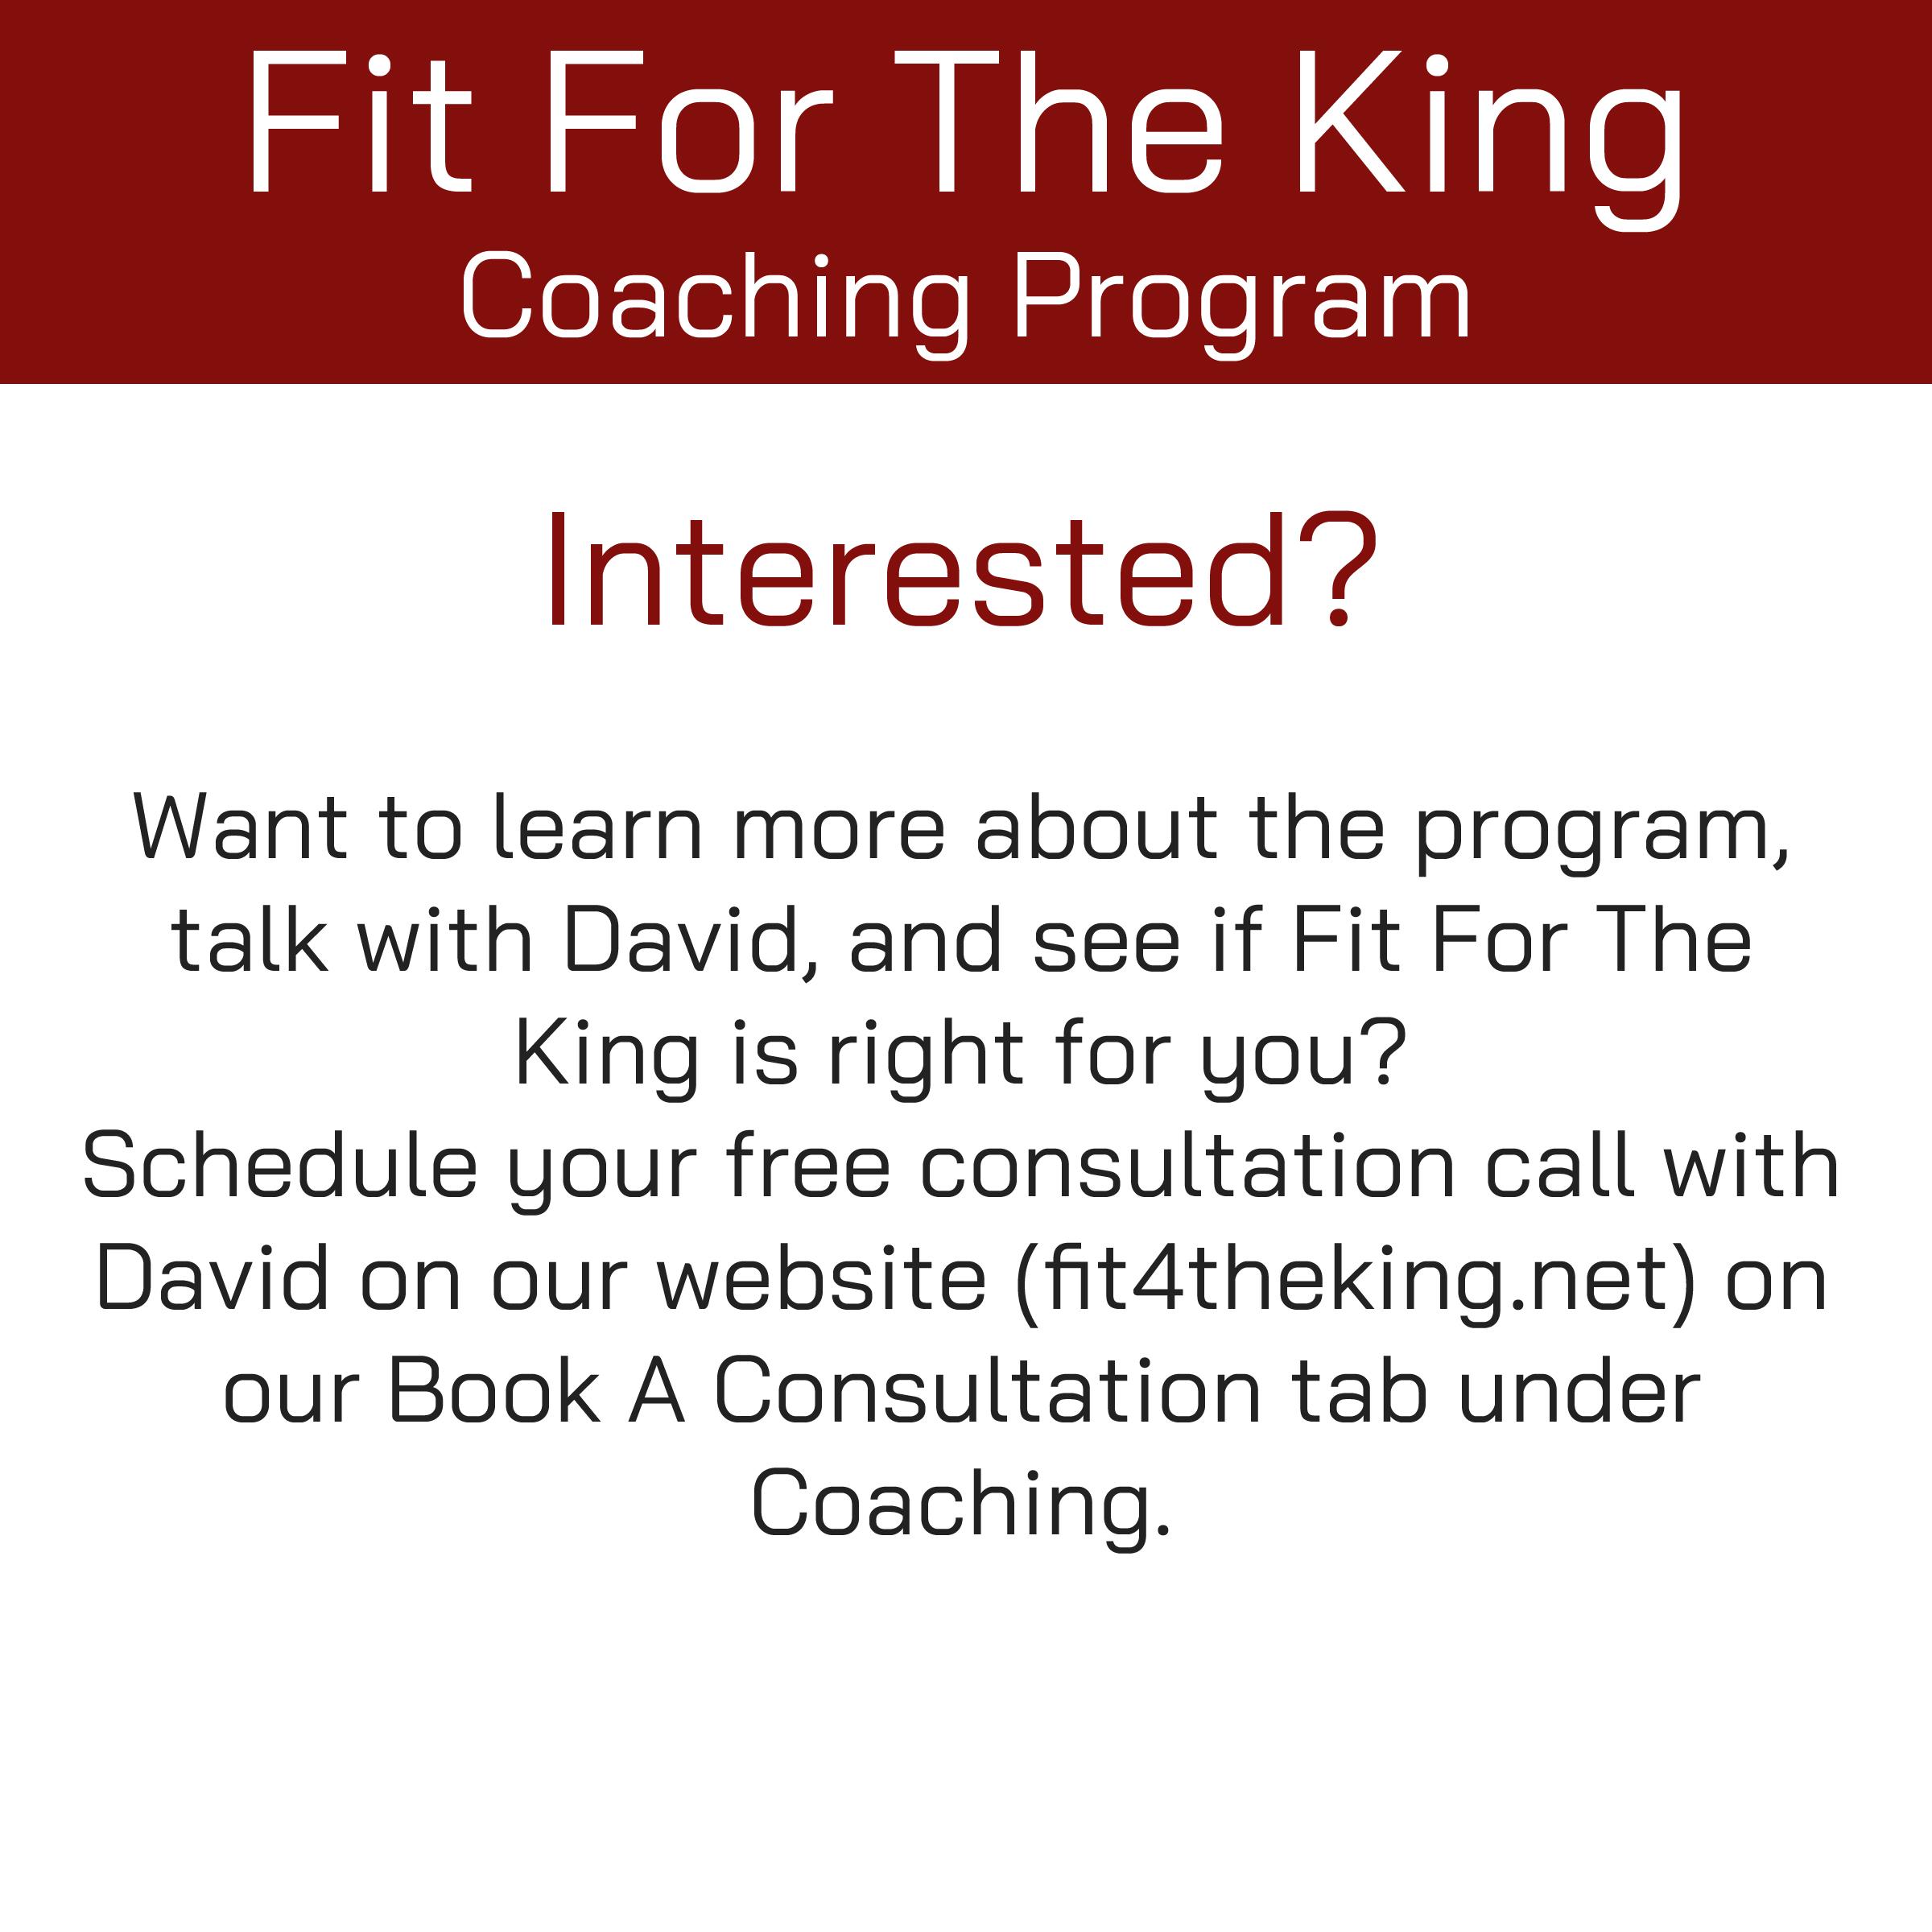 FFTK Coaching Program